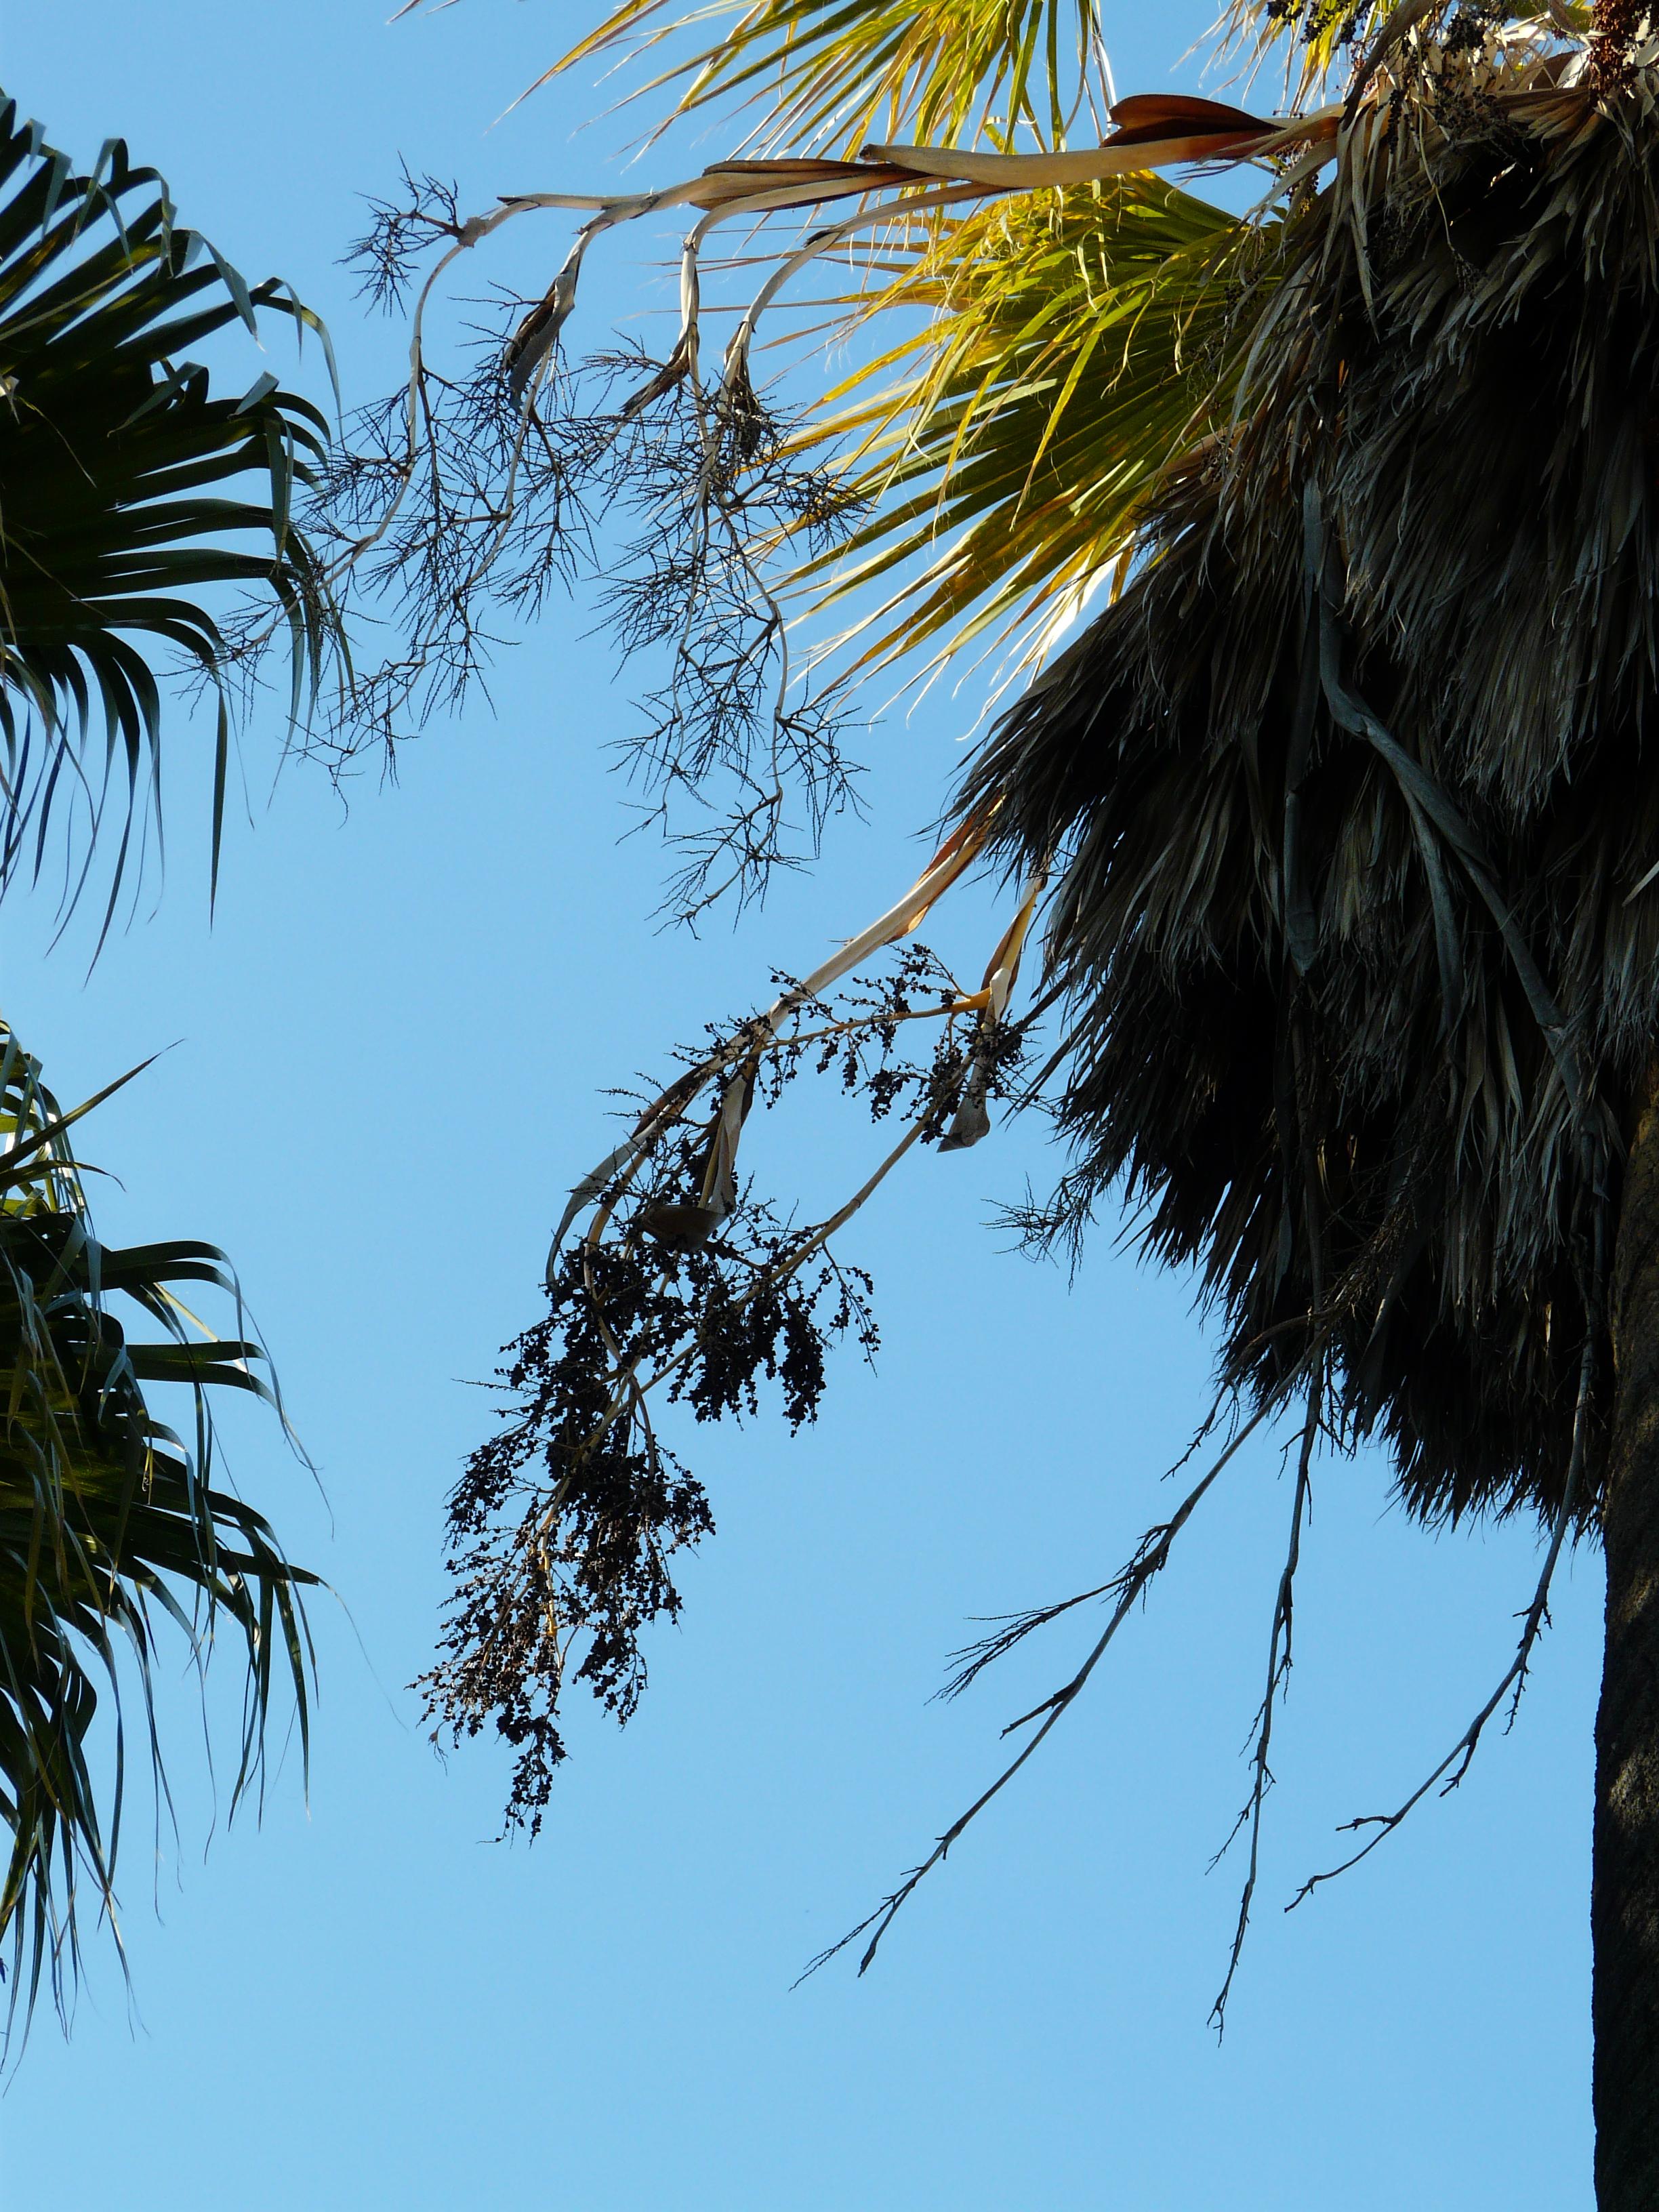 © Dipartimento di Scienze della Vita, Università degli Studi di Trieste<br>by Andrea Moro<br>Barcellona, Jardins de Mossen Costa i Llobera, Catalogna, Spagna, 03/02/2011<br>Distributed under CC-BY-SA 4.0 license.